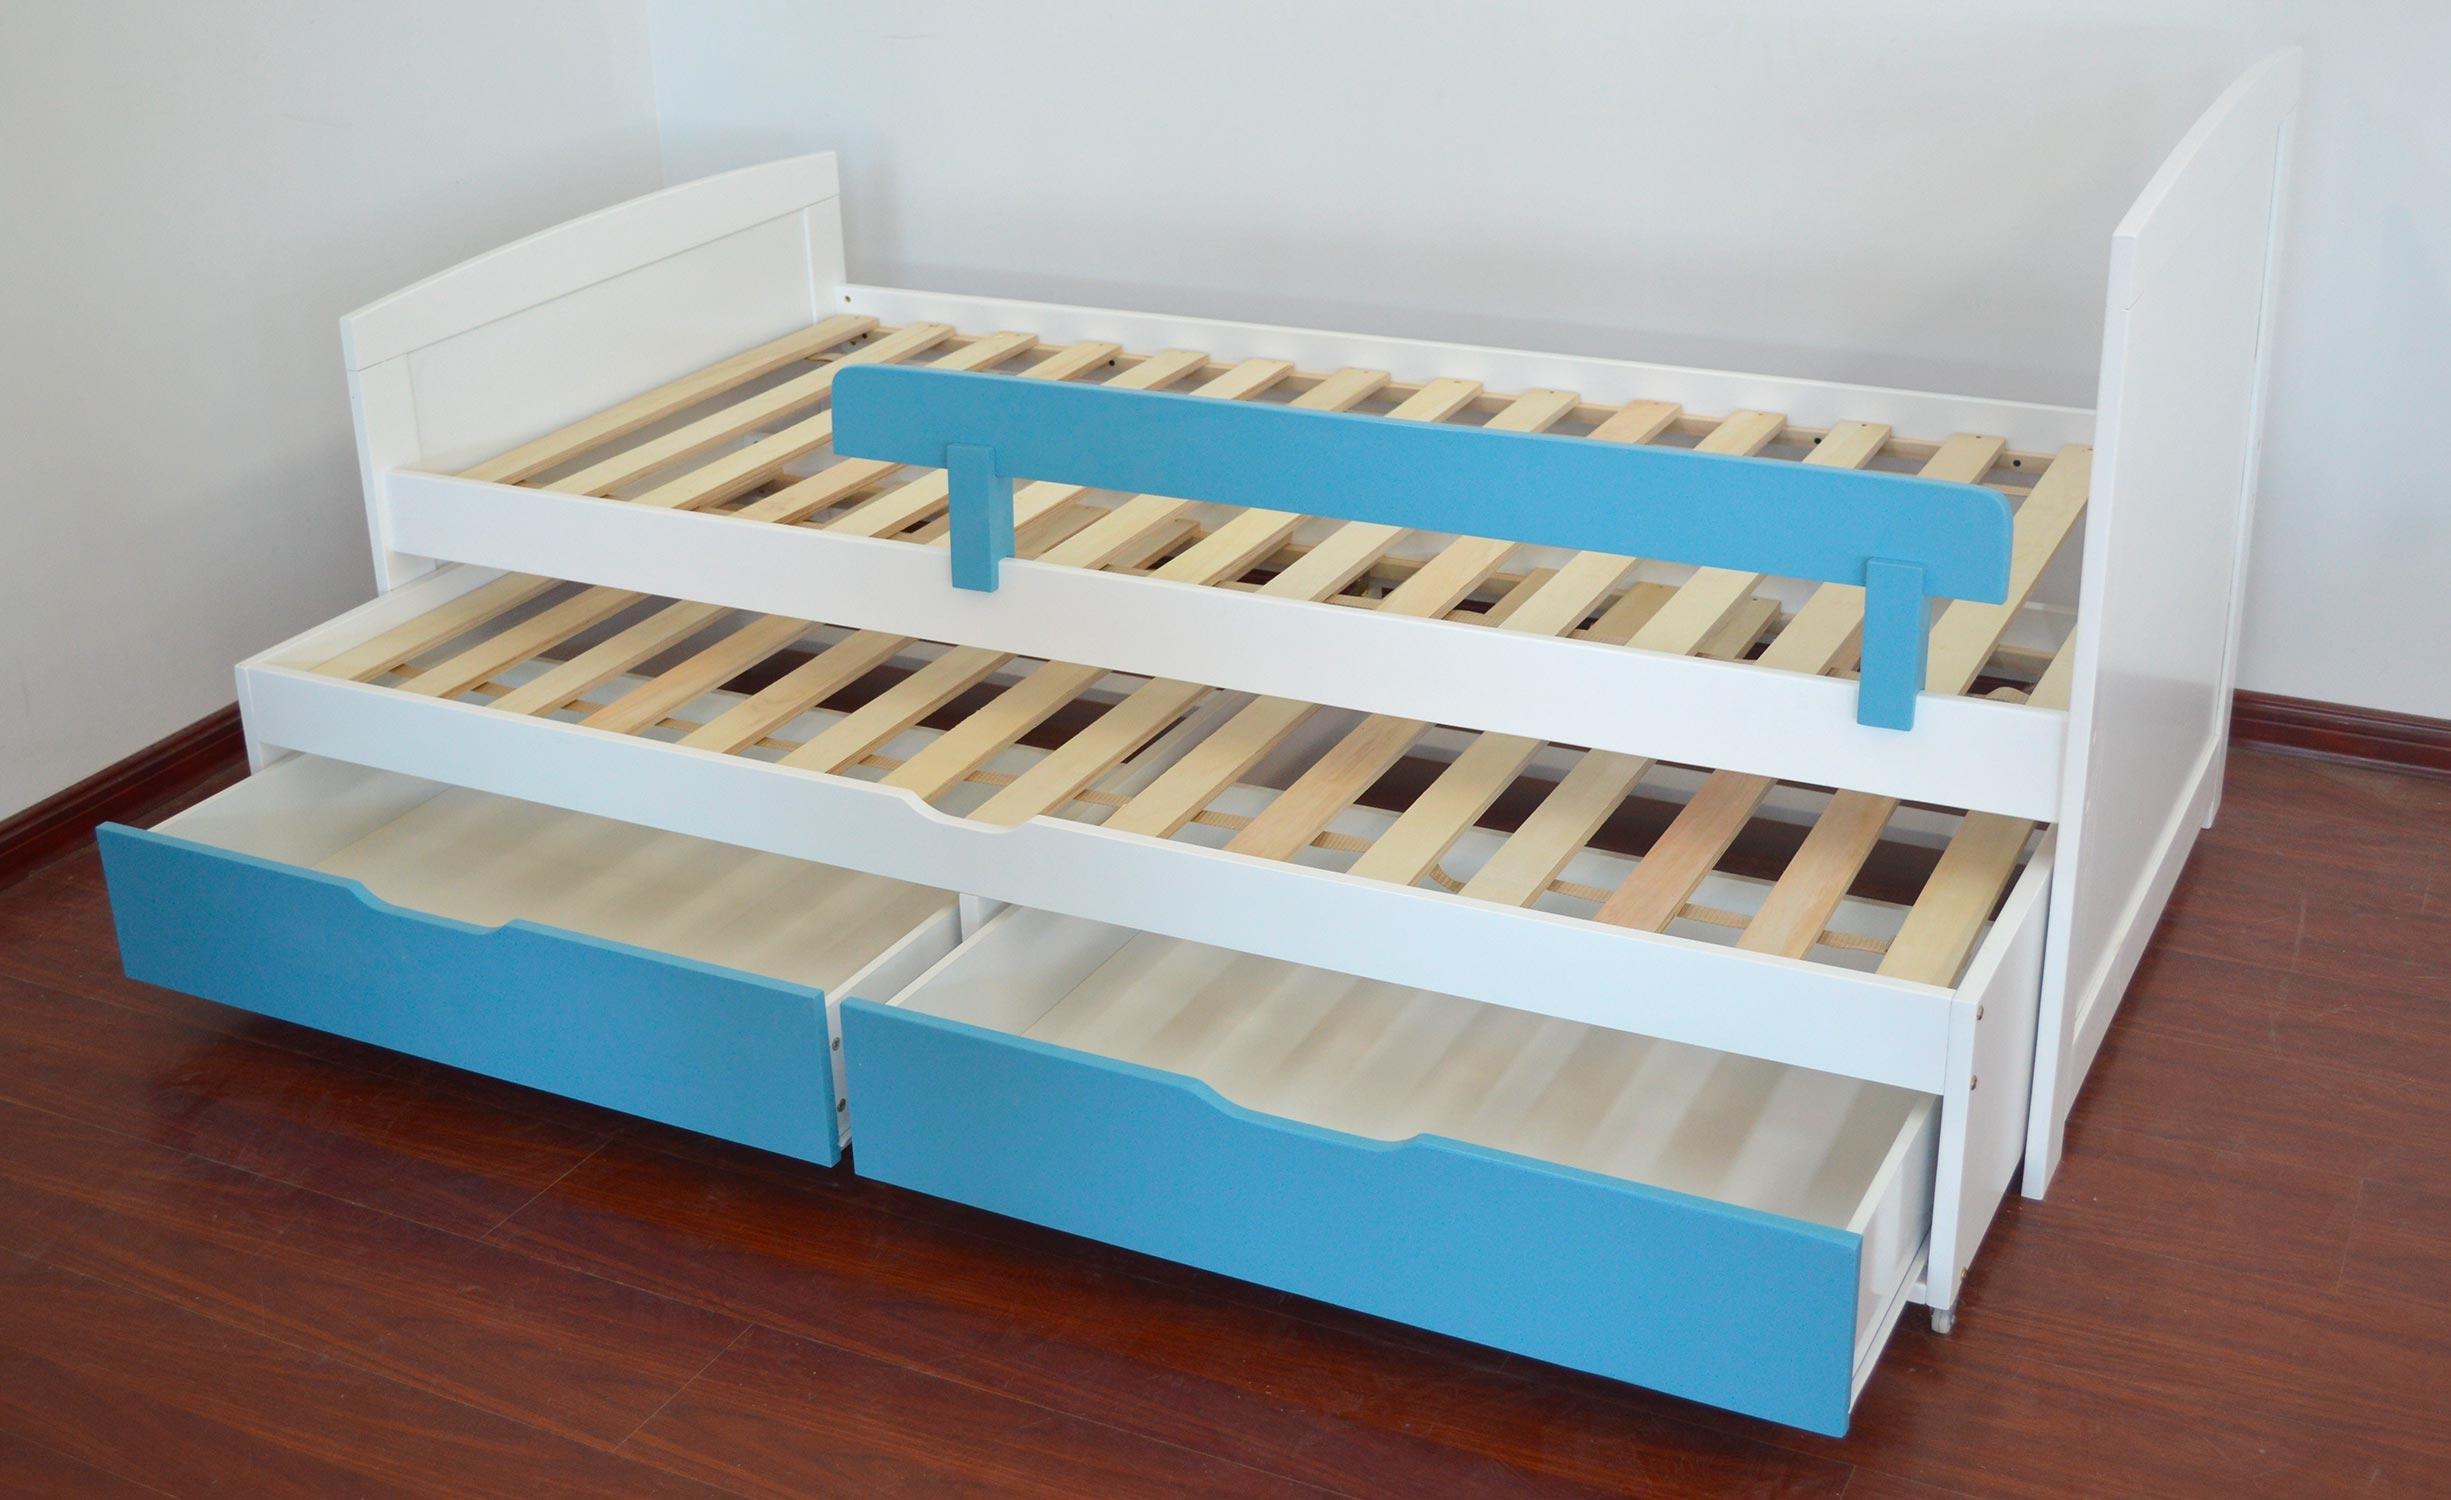 Patapon Ausziehbett für Kinder mit Lattenrost und Bettkästen Weiß & Blau